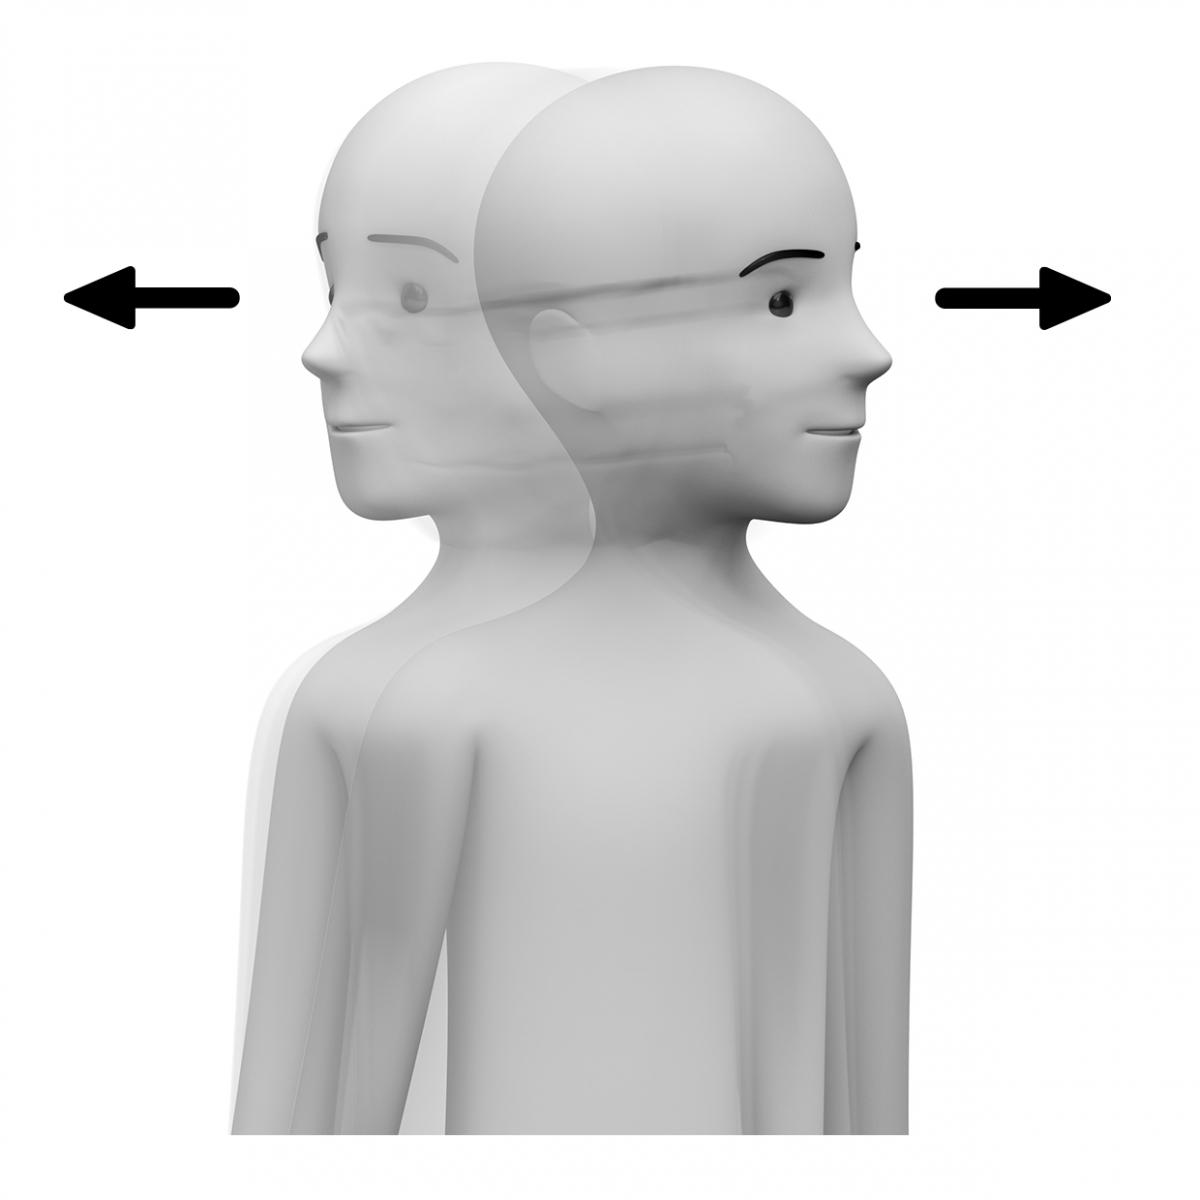 Una persona mira a ambos lados